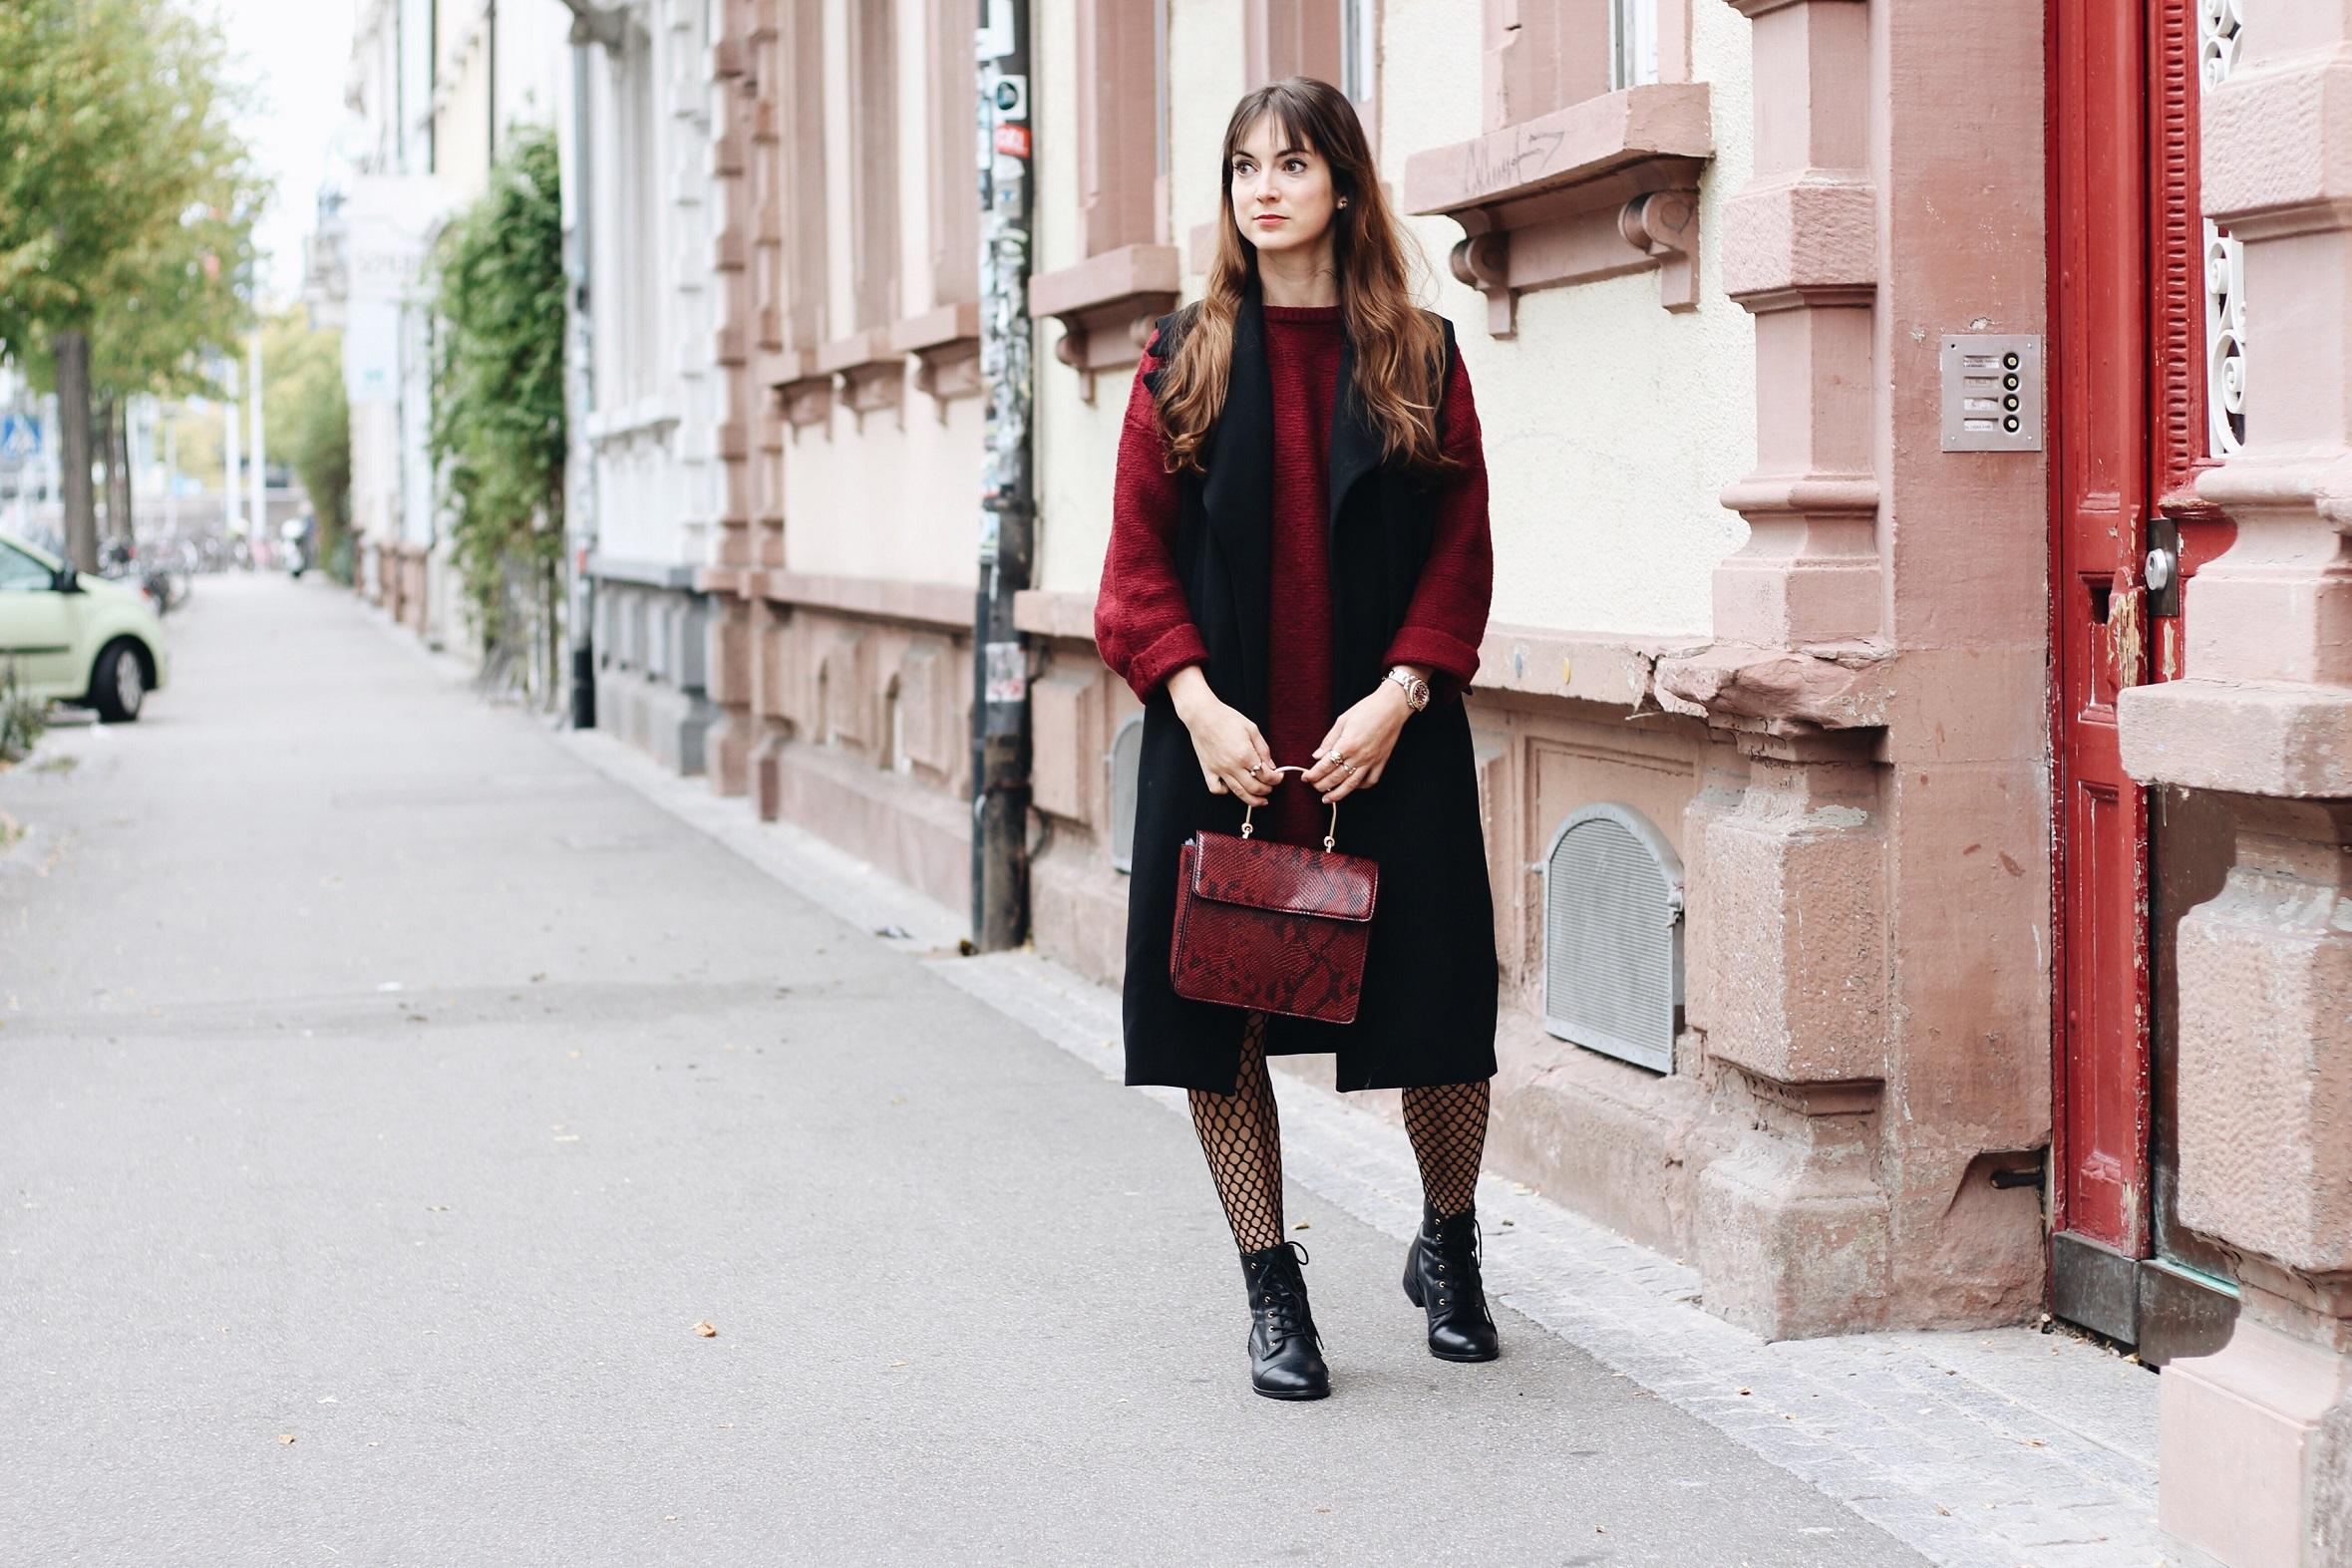 Der Modetrend Netzstrumpfhose heute auf meinem Modeblog